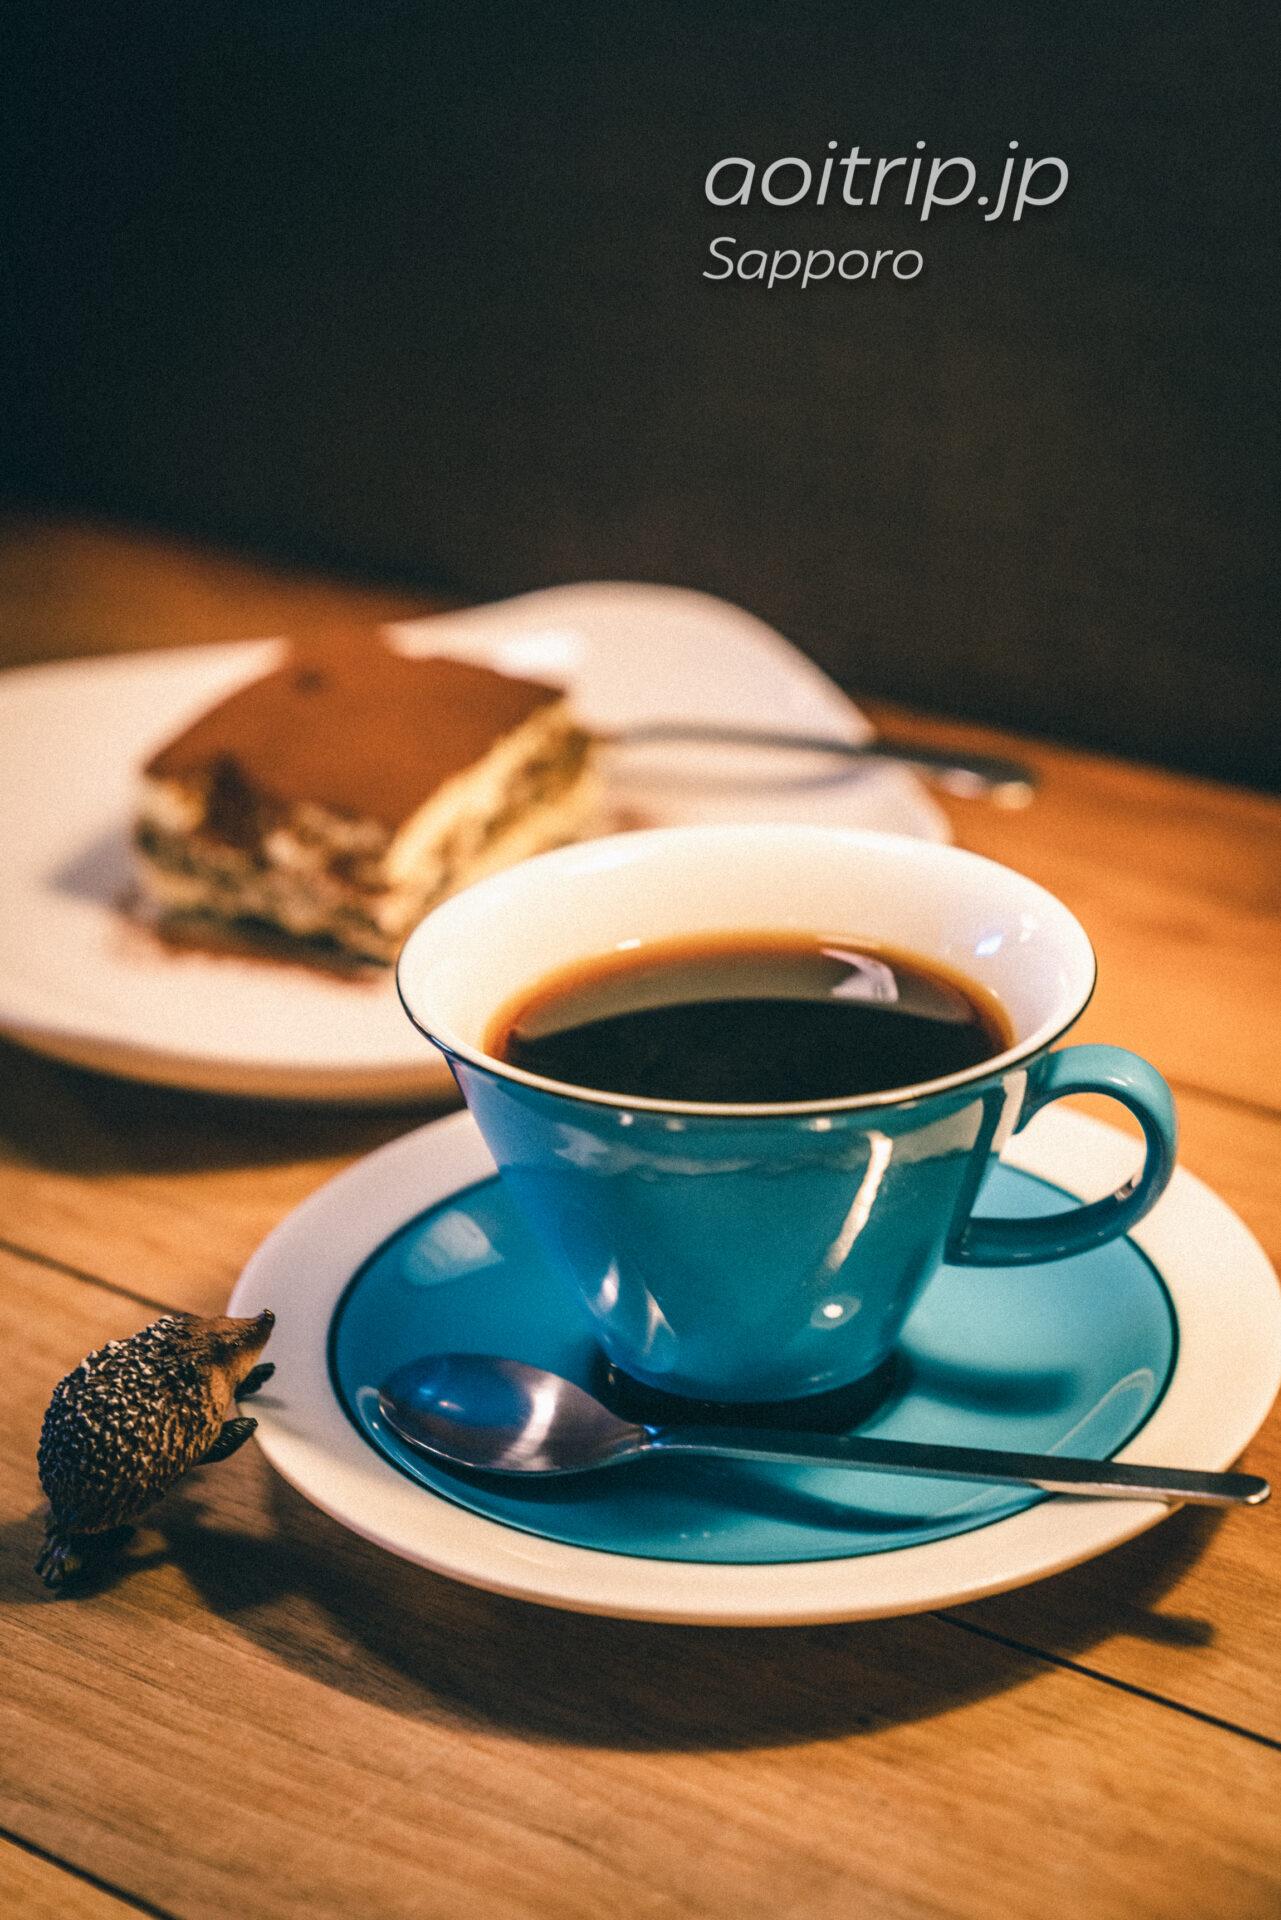 ハリネズミ珈琲店 Harinezumi Coffee